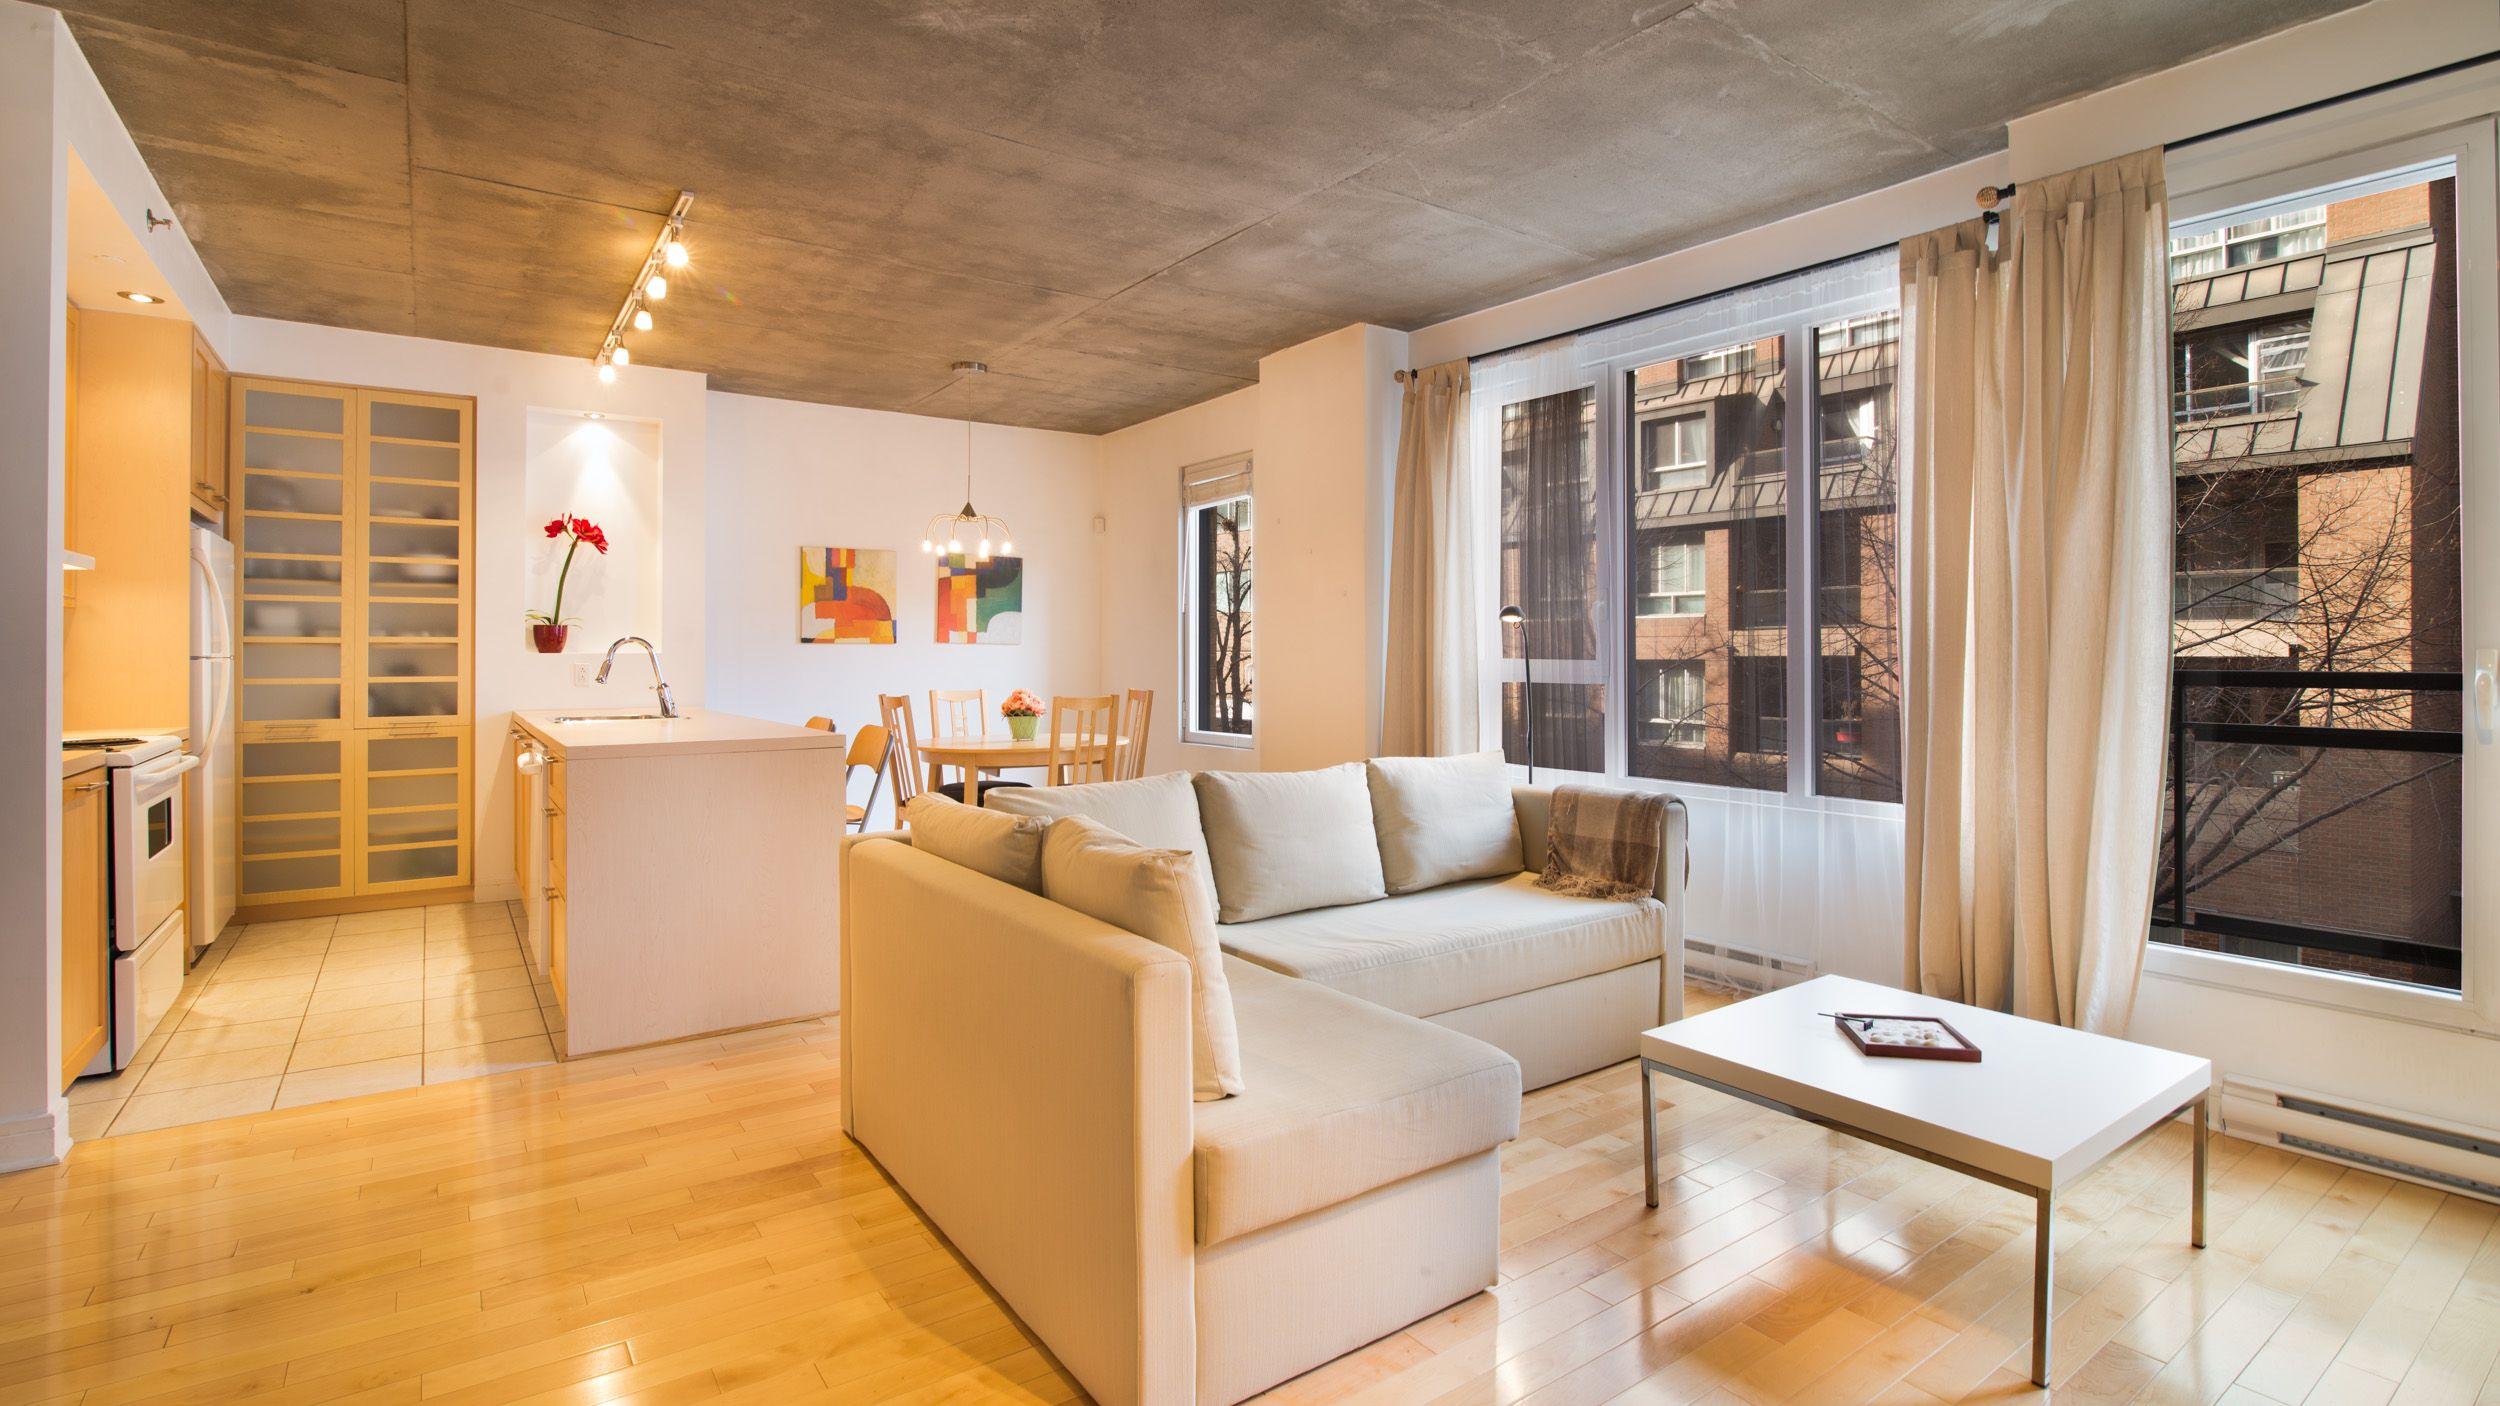 Agence De Location De Proprietes Meubles A Montreal Quebec Acces International Offre Des Appartements Et Maisons Meu Interior Design Furnished Apartment Home